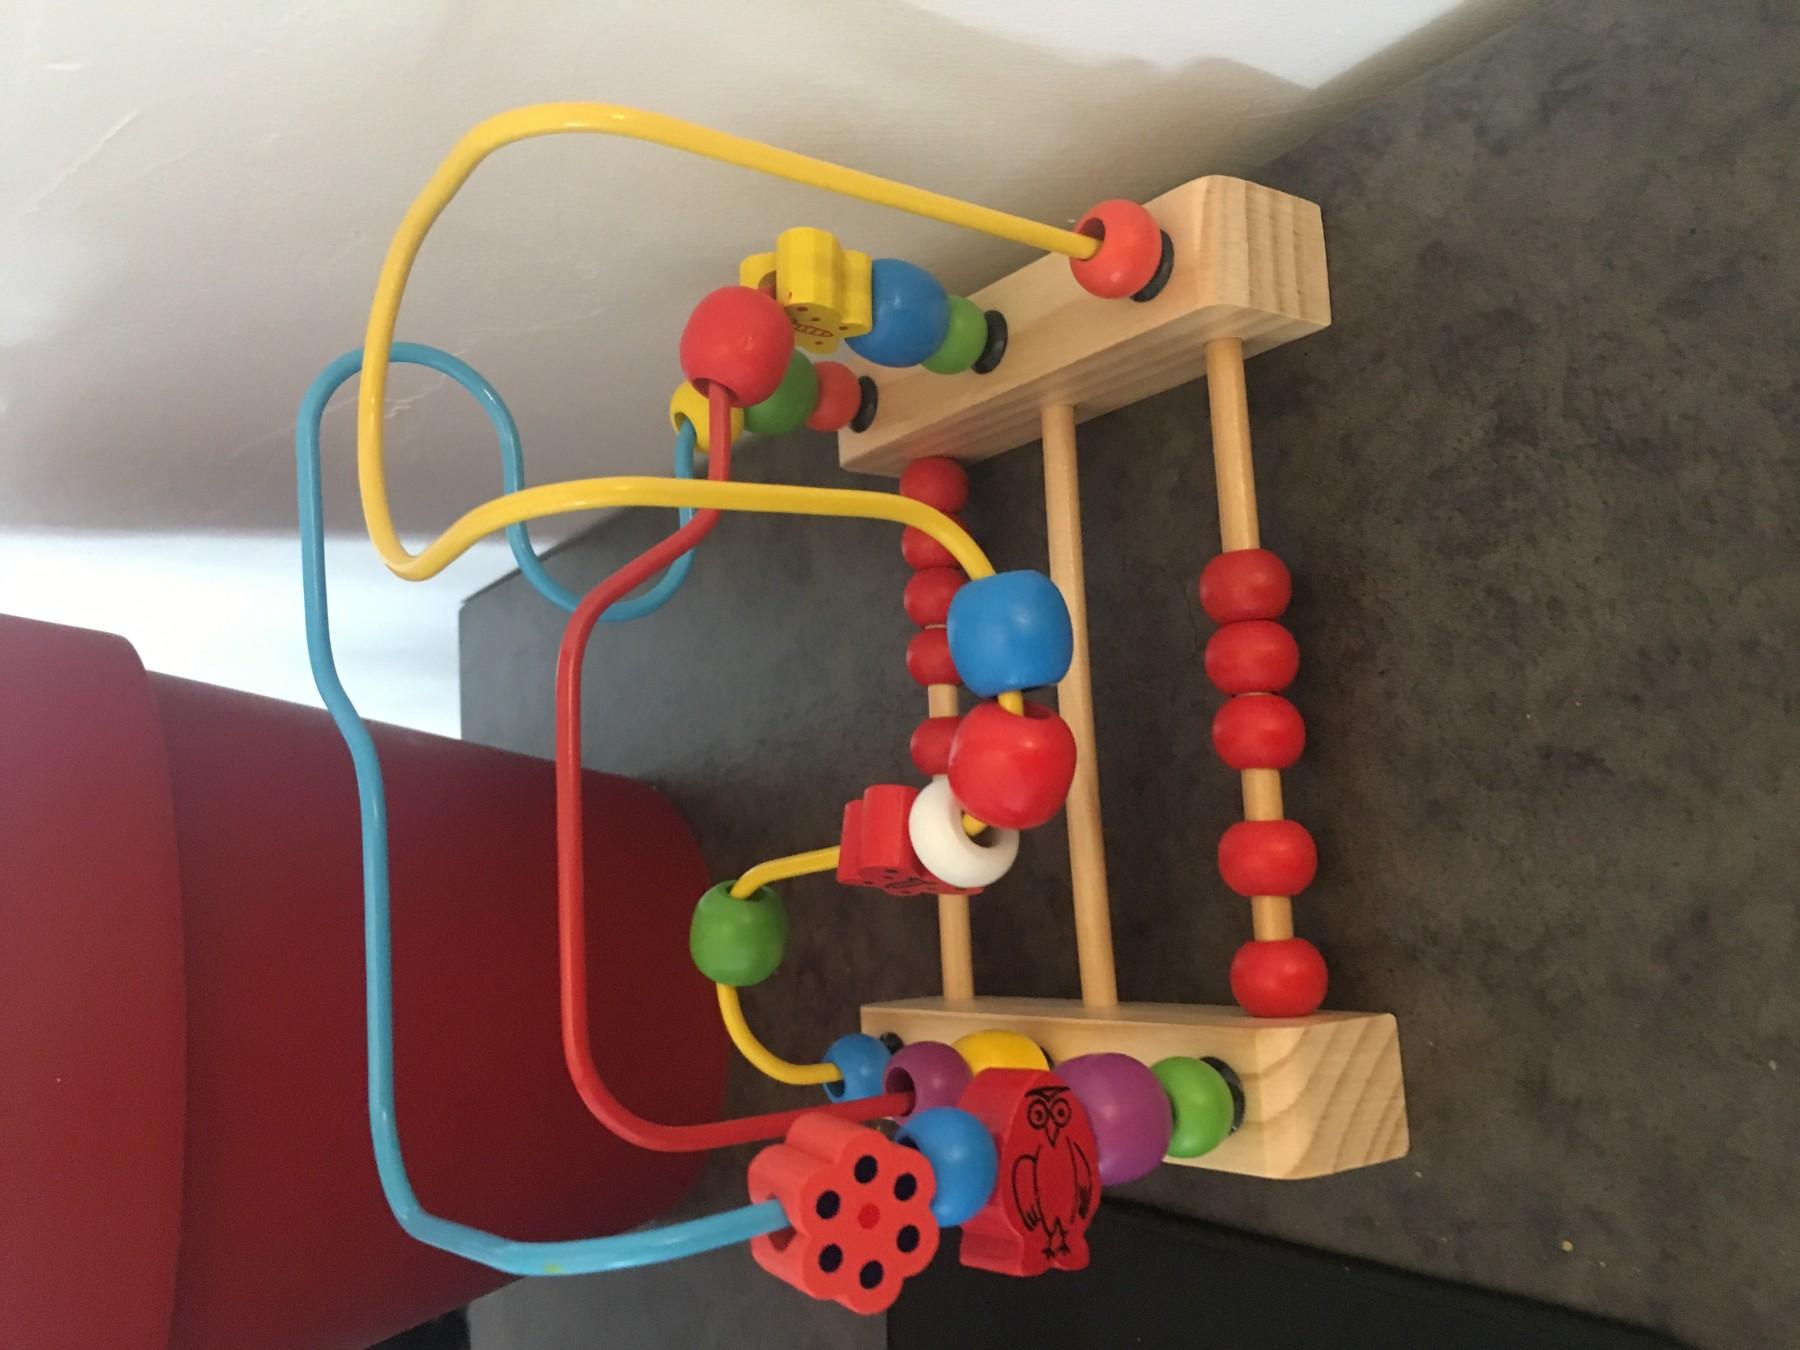 Joli jouet en bois